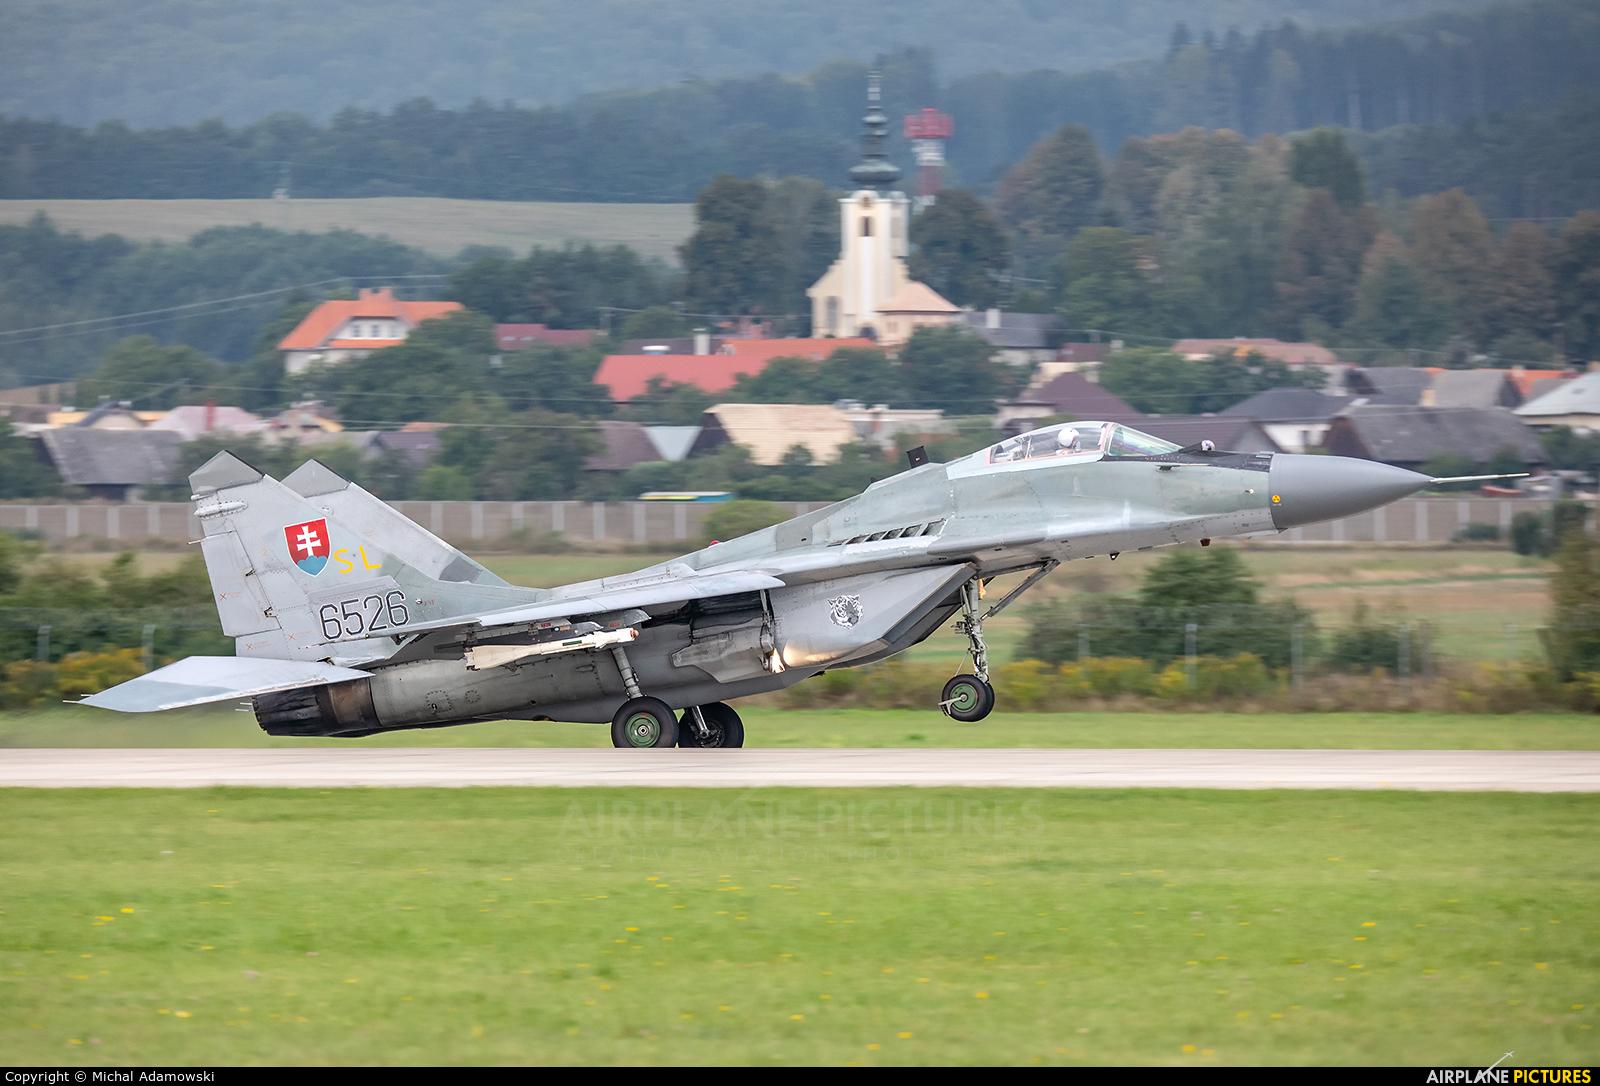 Slovakia -  Air Force 6526 aircraft at Sliač